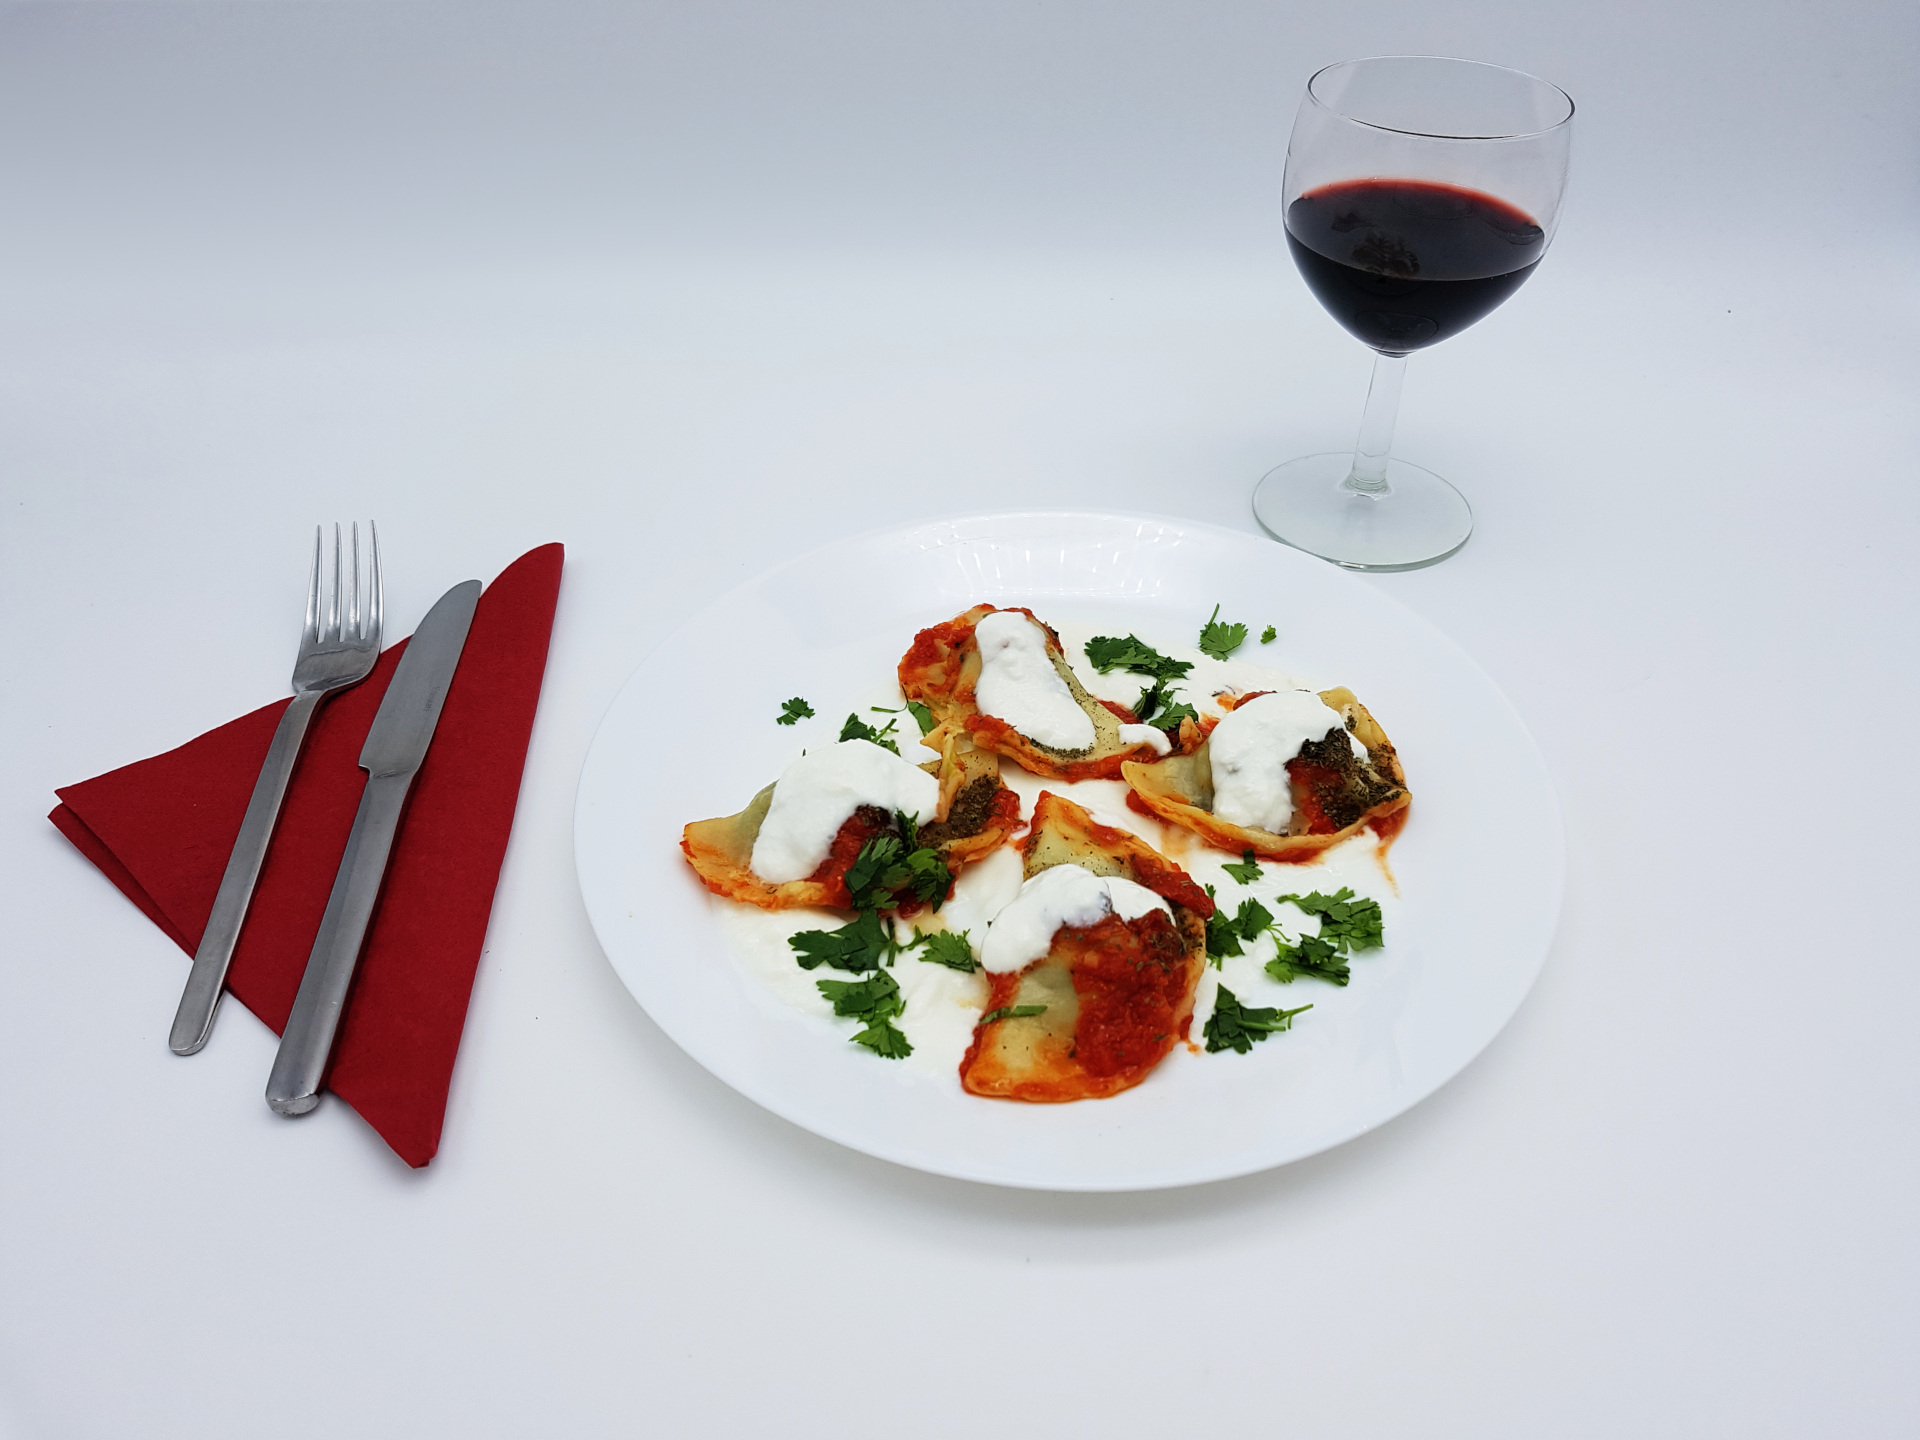 Wir bieten Ihnen im Restaurant Kabul in Wuppertal vegetarische Maultaschen an.